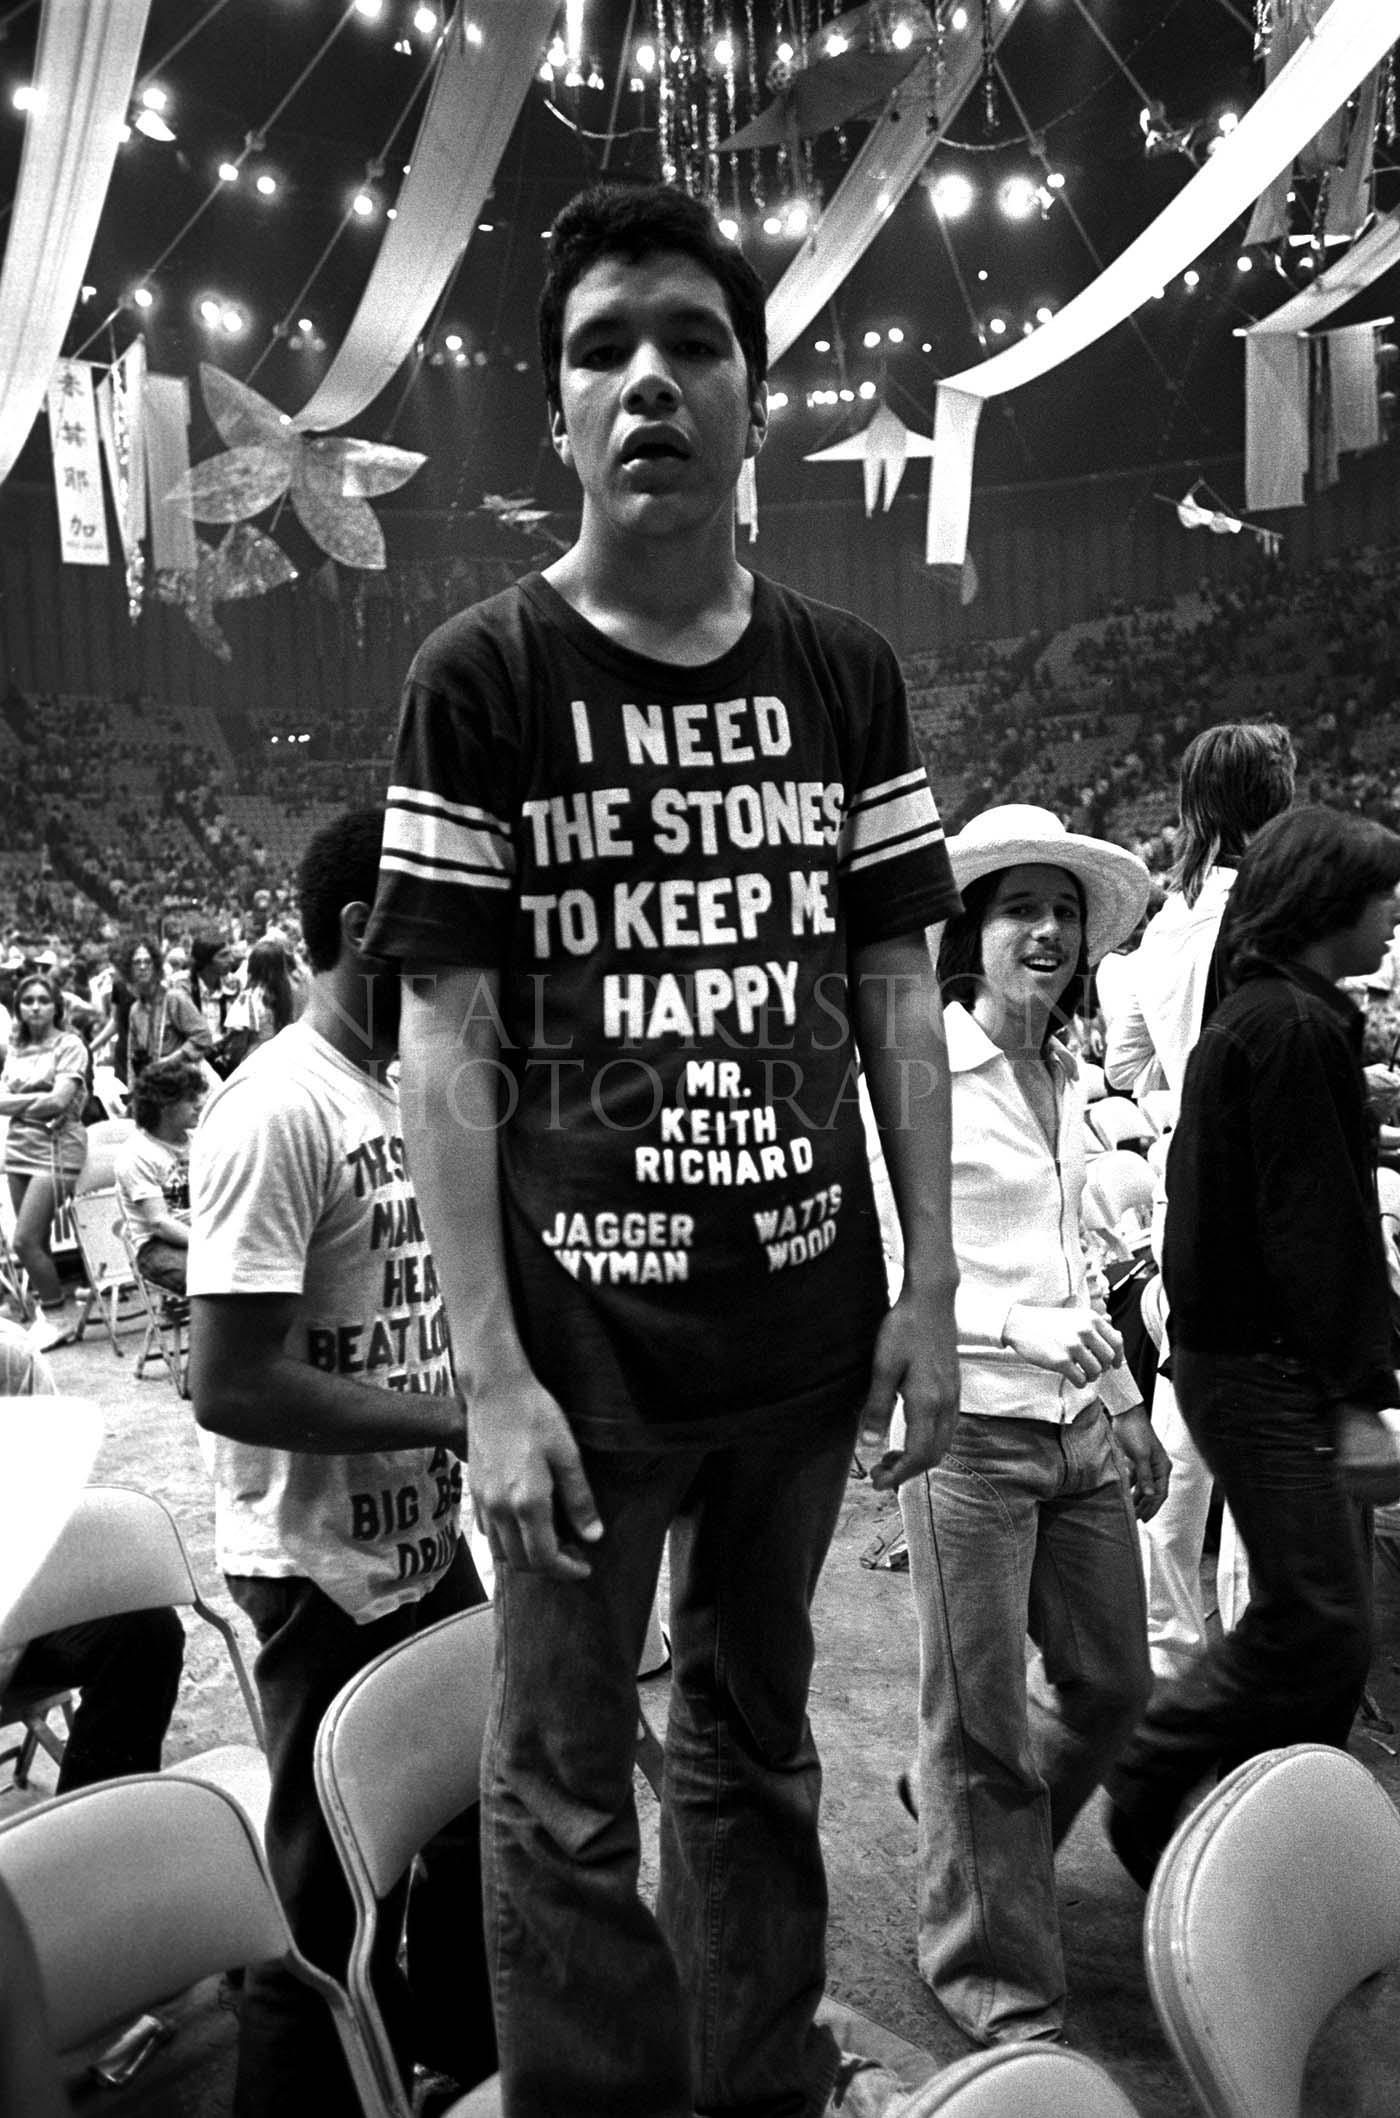 Stones_Tshirt_1.jpg